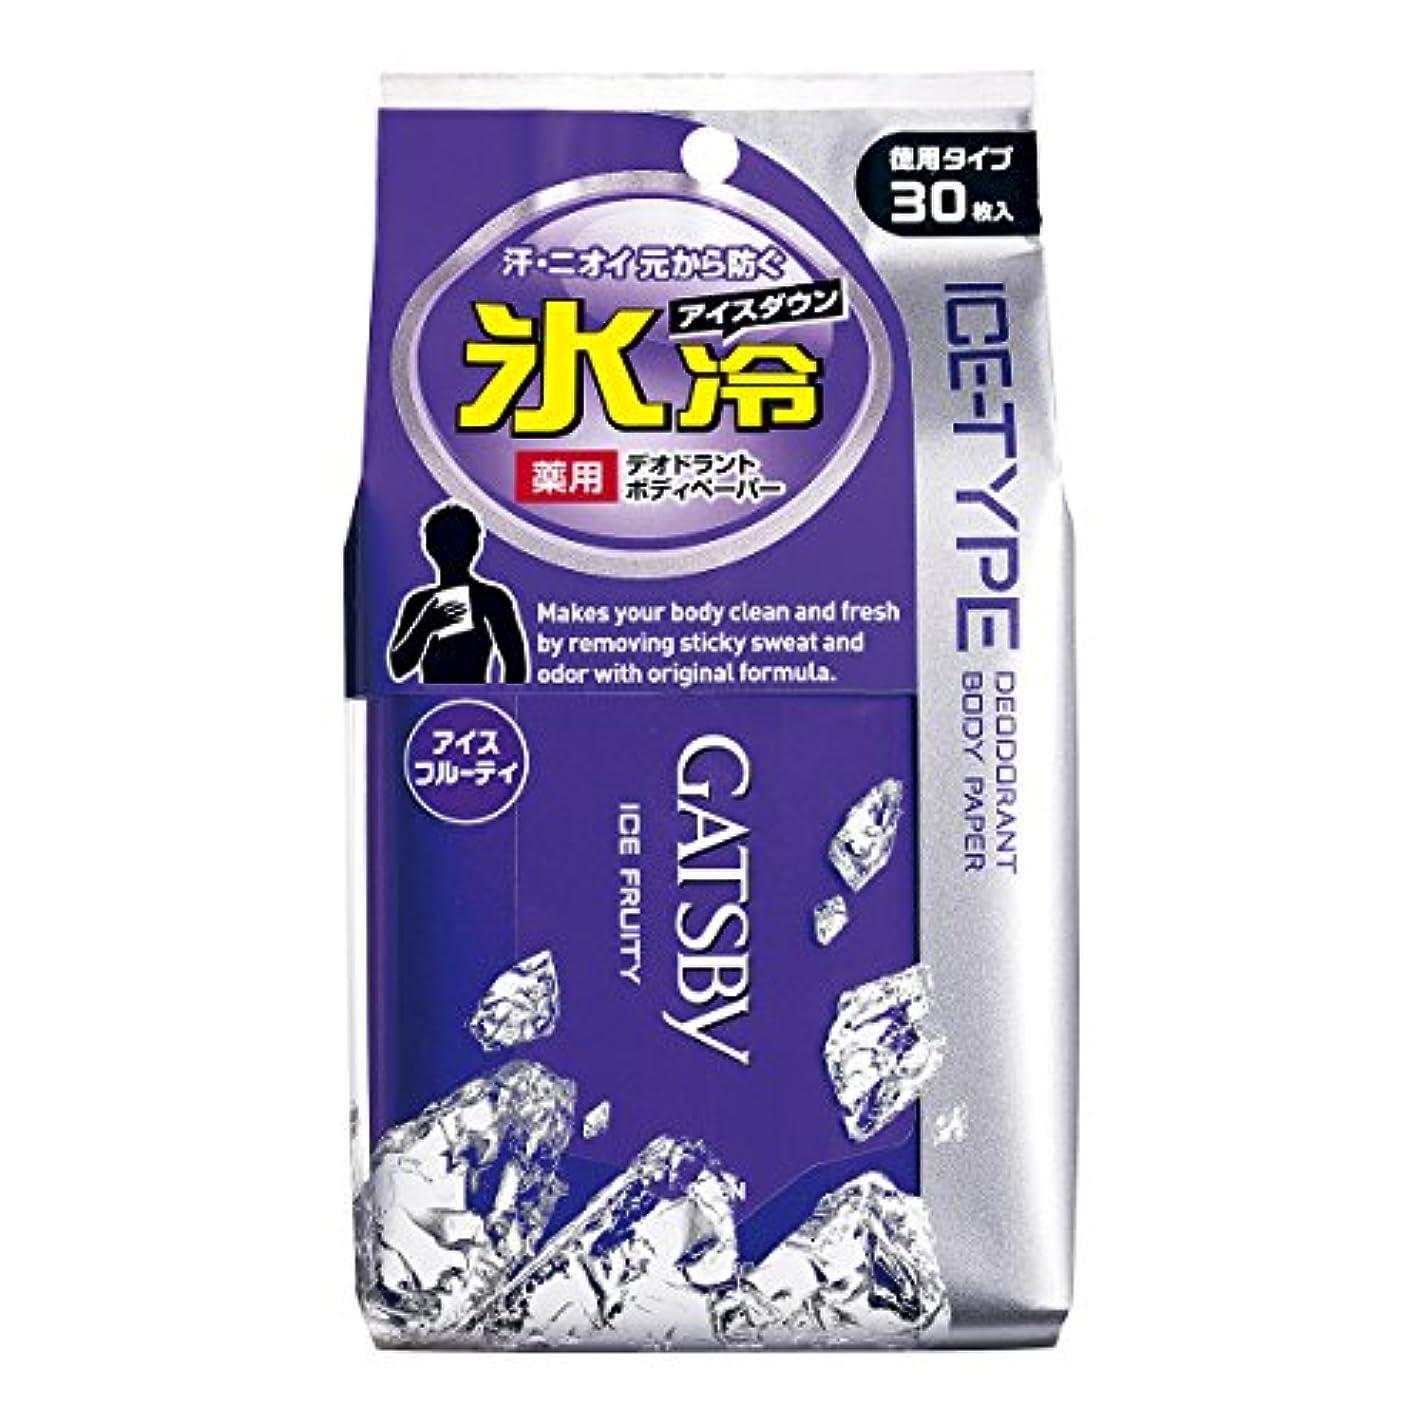 回路ジュニア不満GATSBY (ギャツビー) アイスデオドラントボディペーパー アイスフルーティ <德用> 30枚 (医薬部外品)